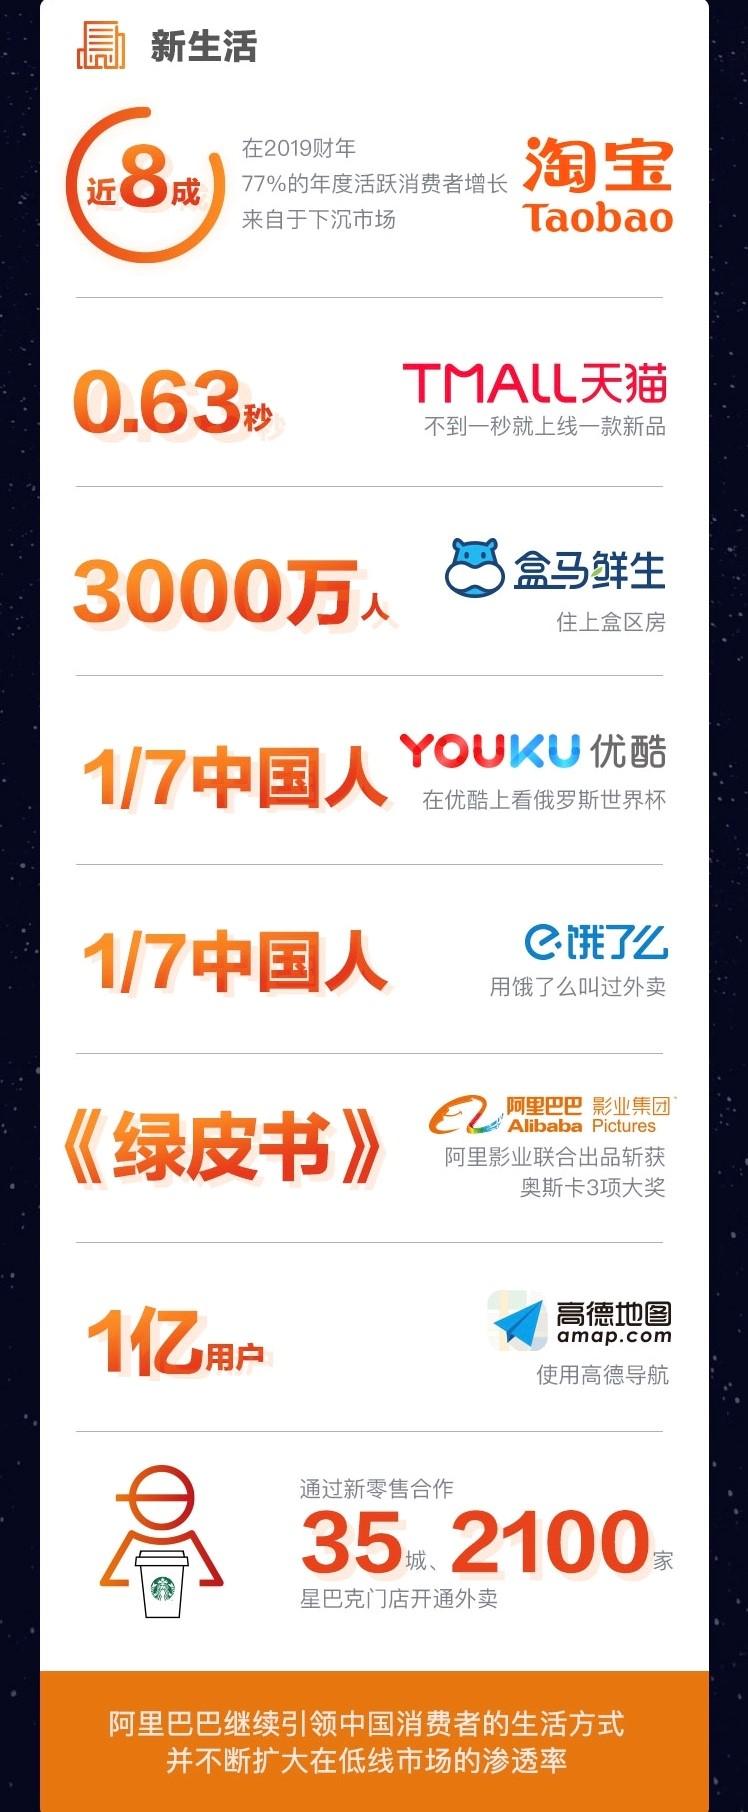 阿里2019财年年报:大文娱Q4营收同比增加8%